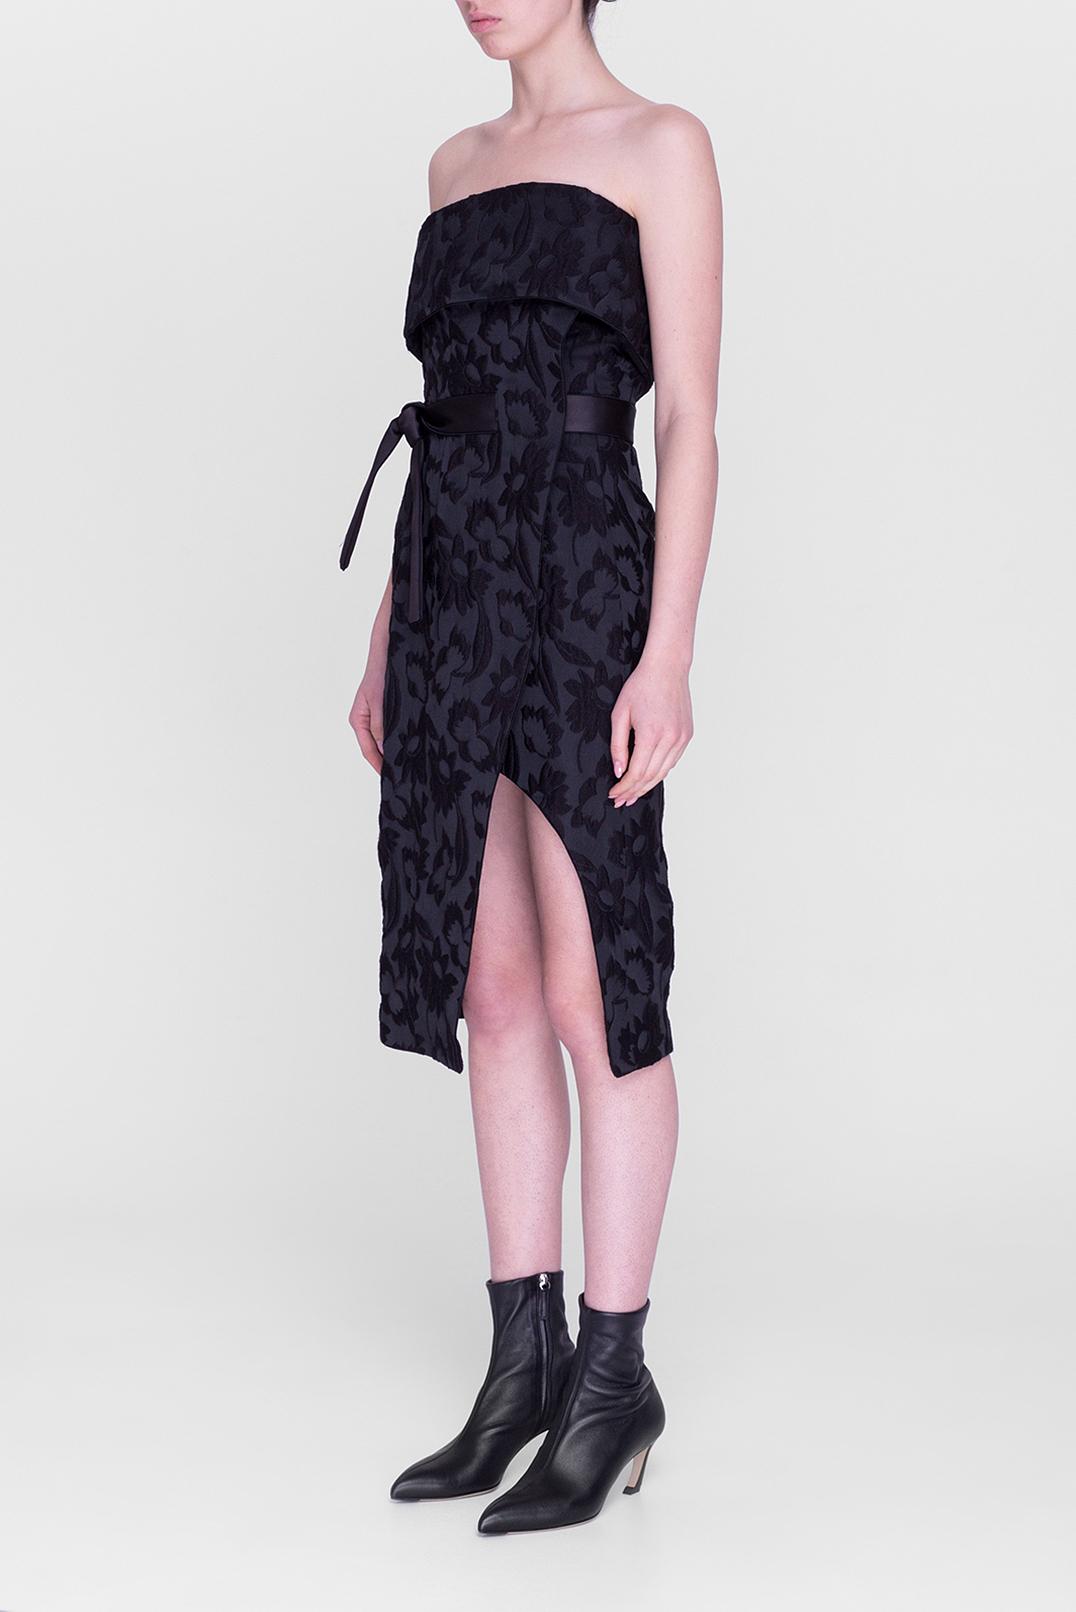 Жаккардовое платье-бюстье ALEXIS ALEX29008